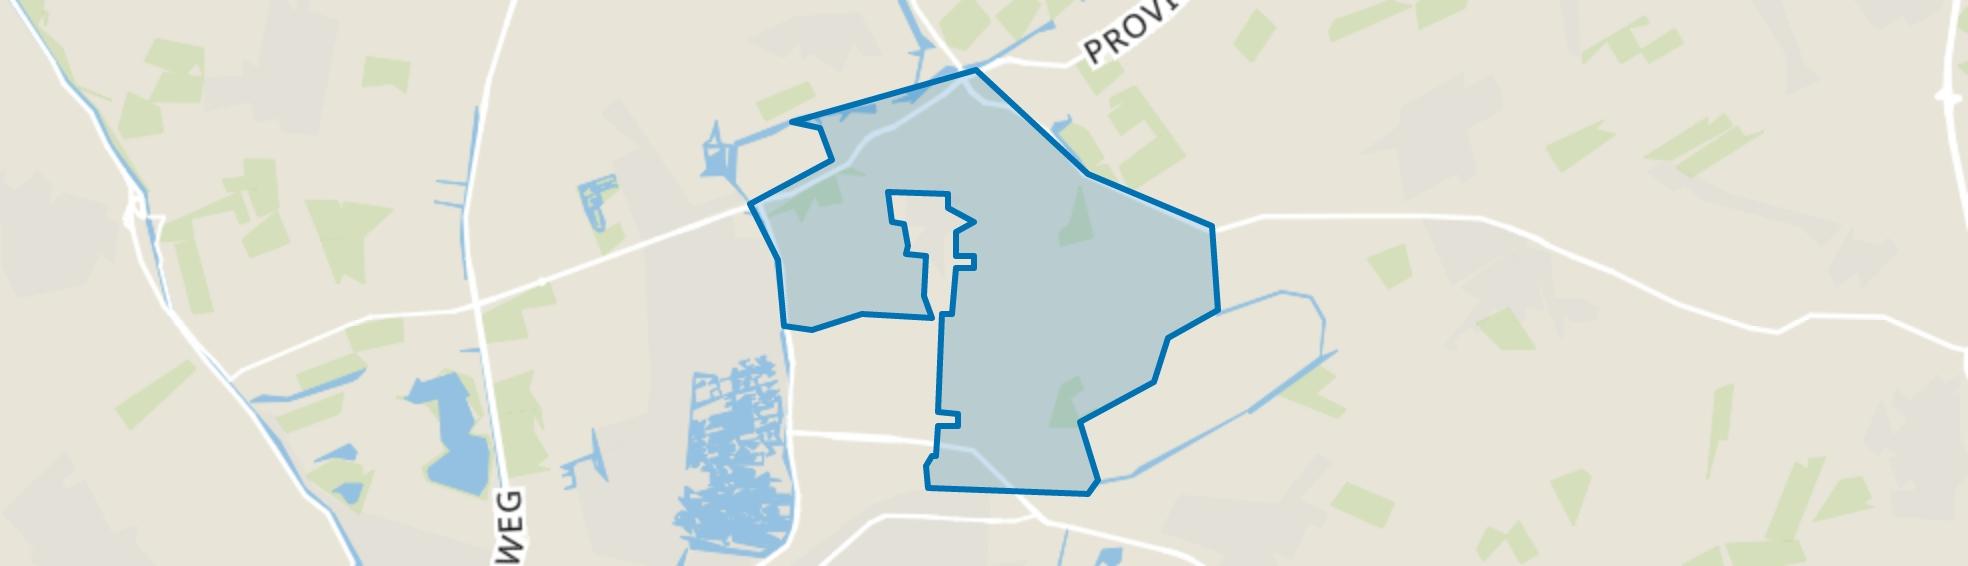 Buitengebied Noord, Heerhugowaard map